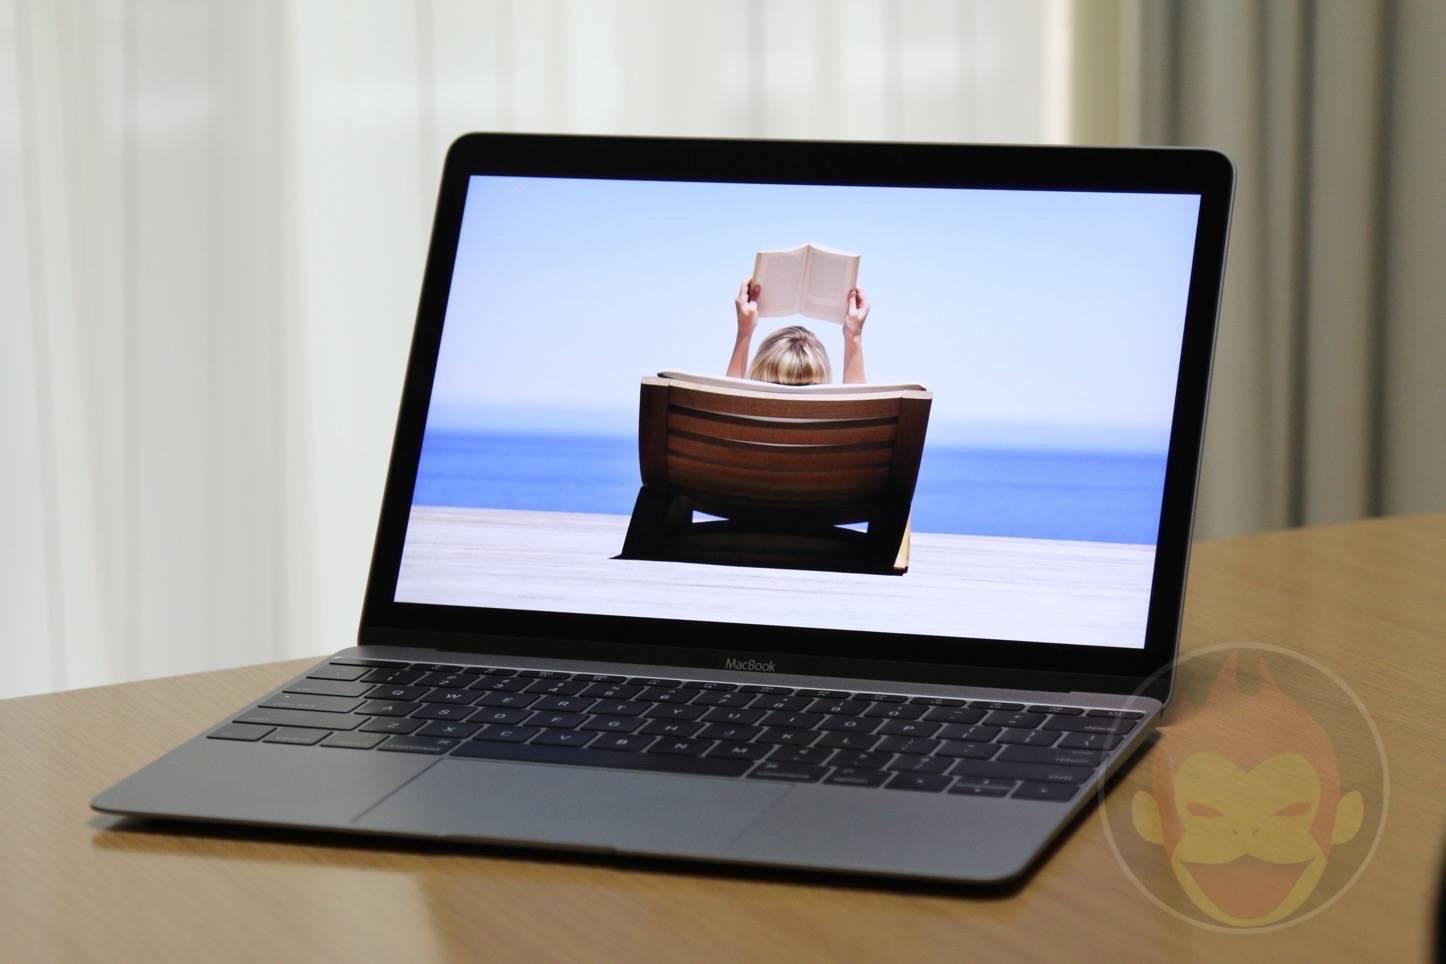 MacBook-12-Review-Usage-19.JPG